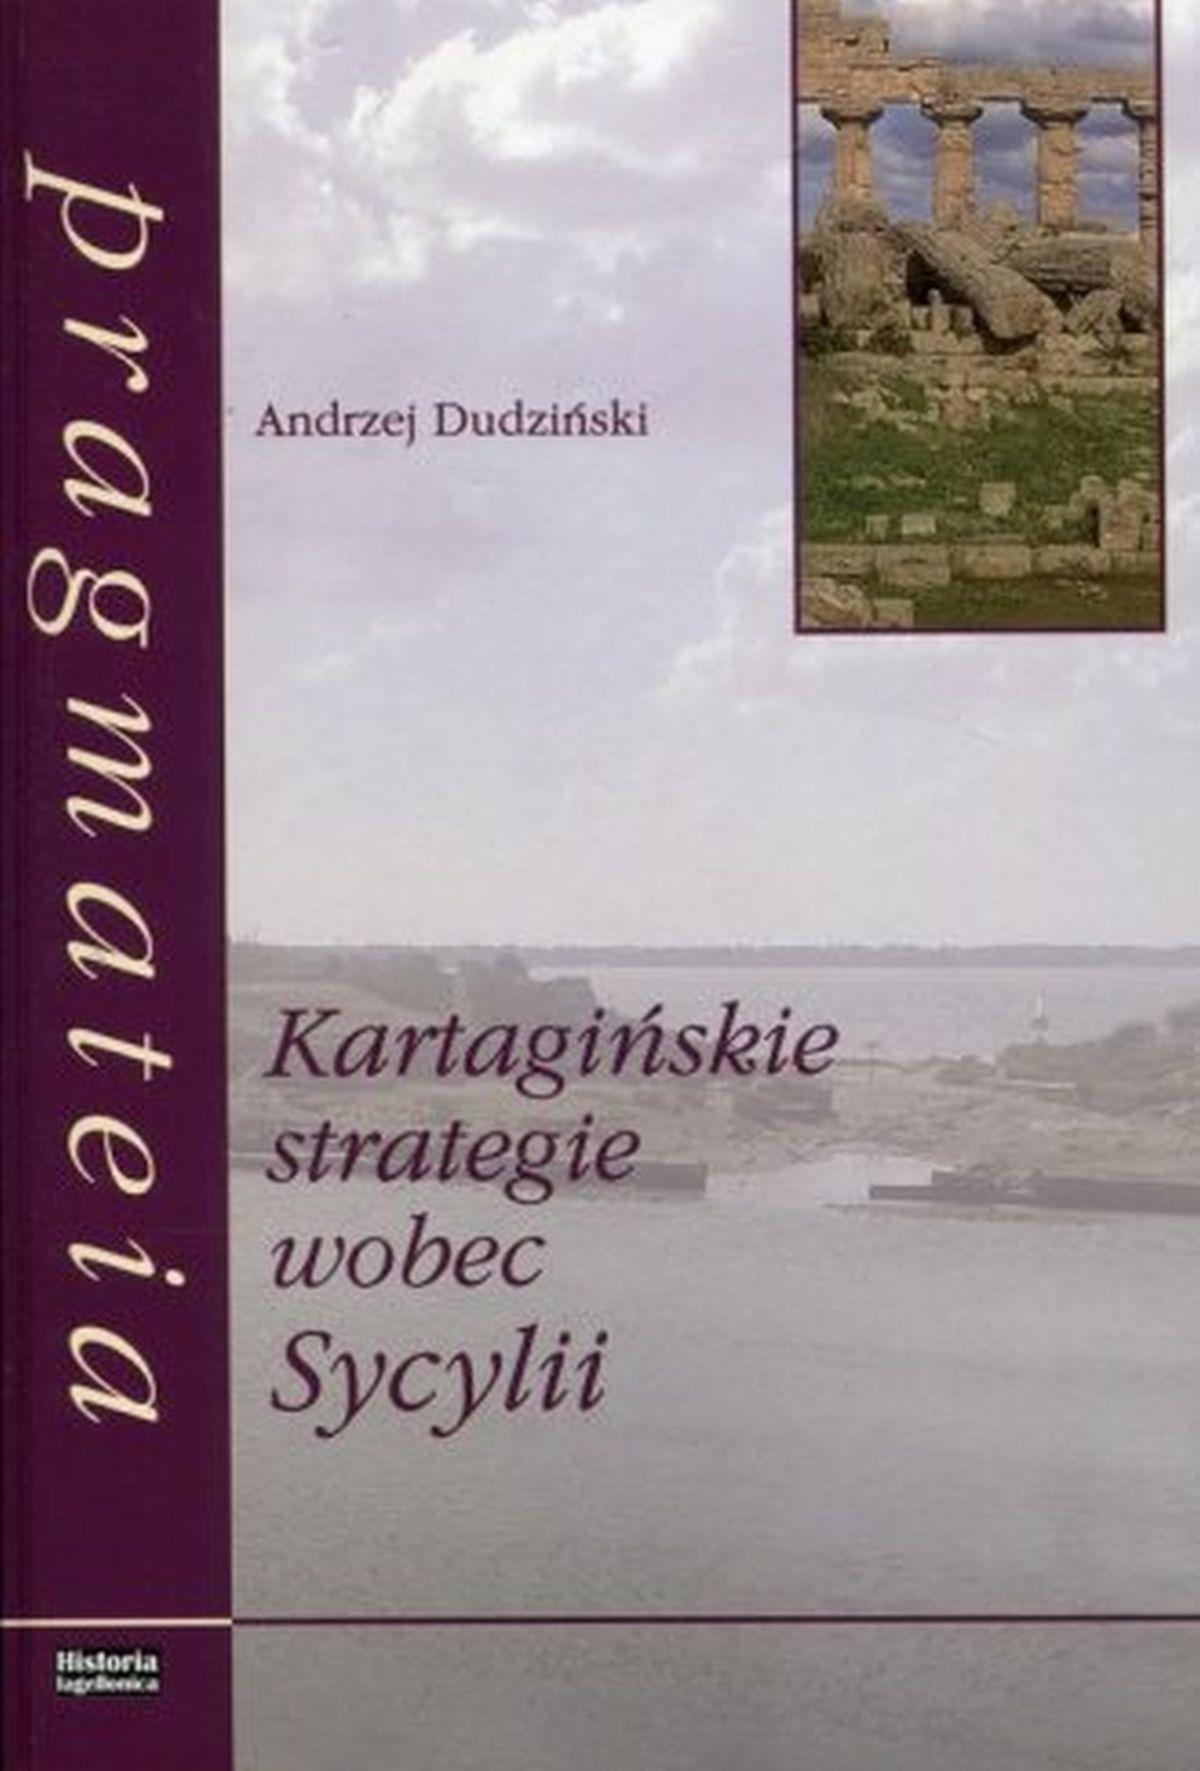 Kartagińskie strategie wobec Sycylii